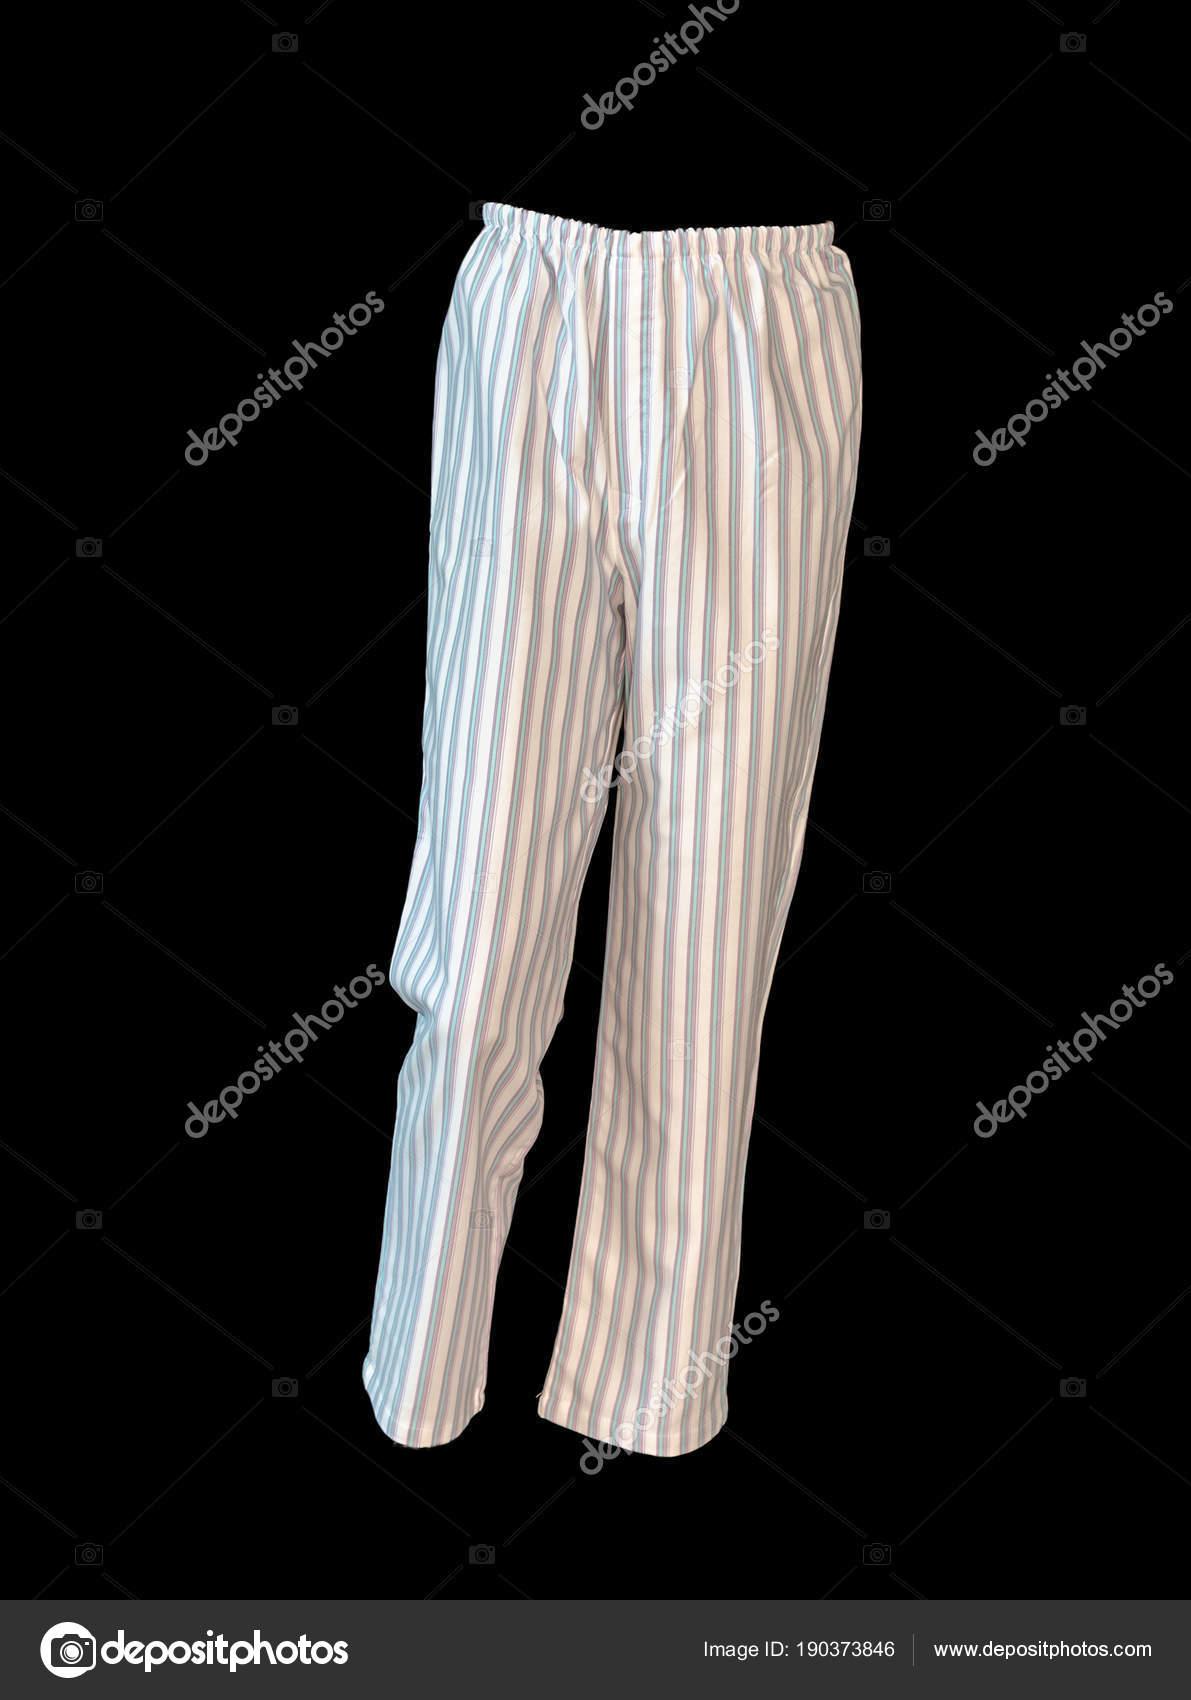 Foto Primer Plano Del Pijama Blanco Pantalones Fondo Negro — Foto de ...